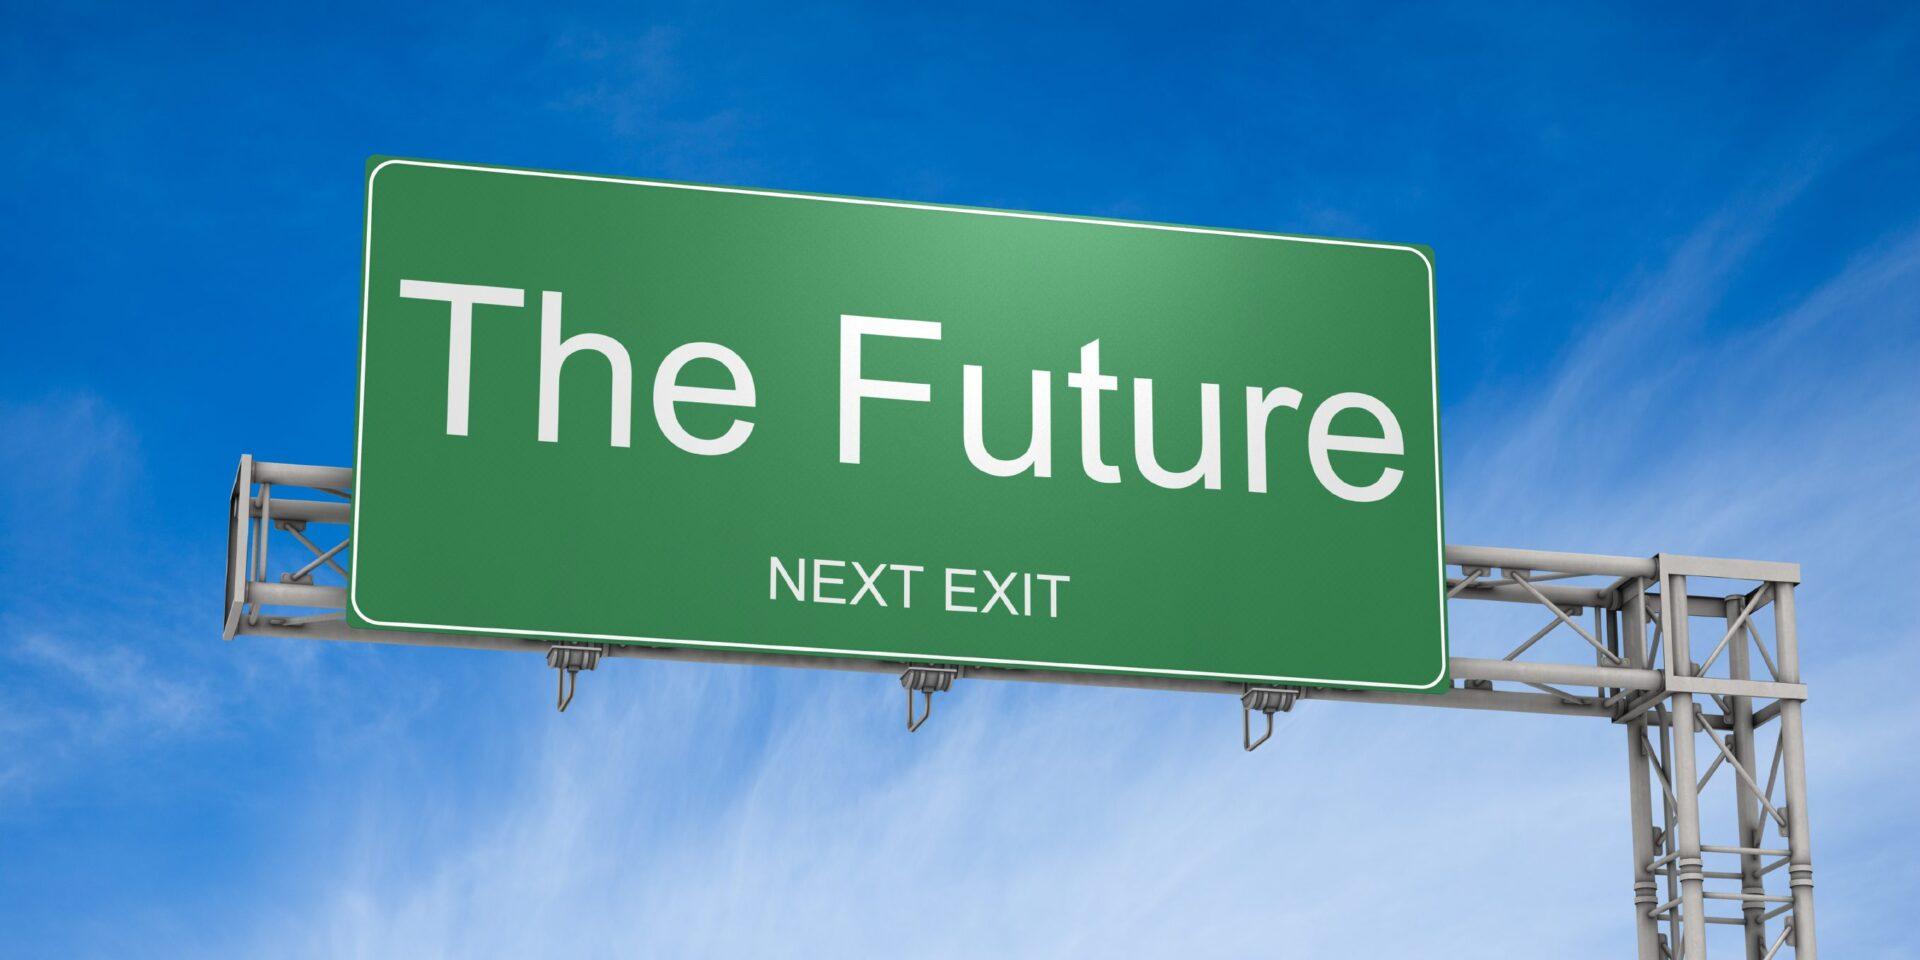 The-Future-Is-Bright-2716x1358